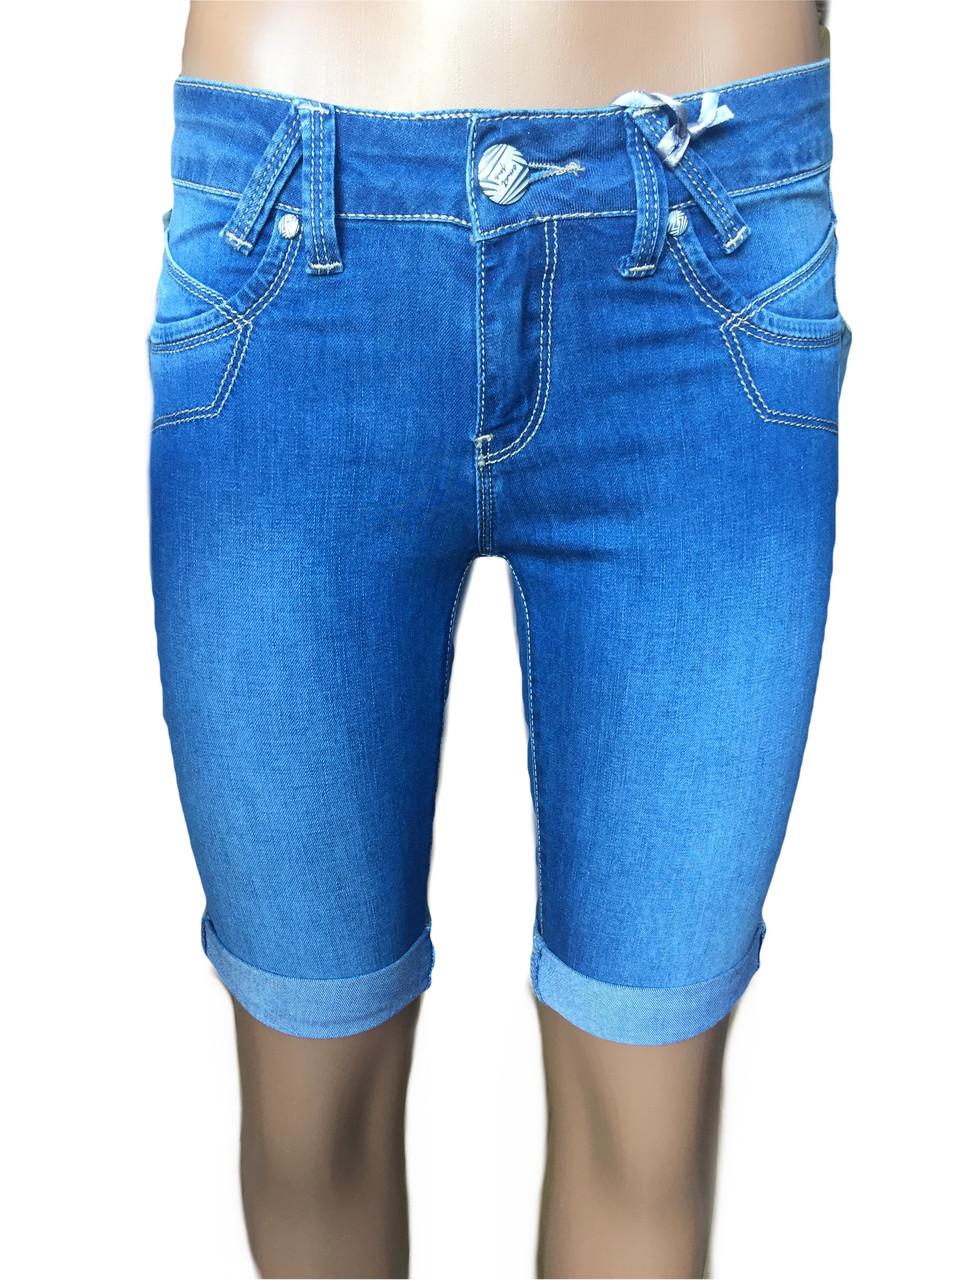 Шорты женские Ом 9945 синие